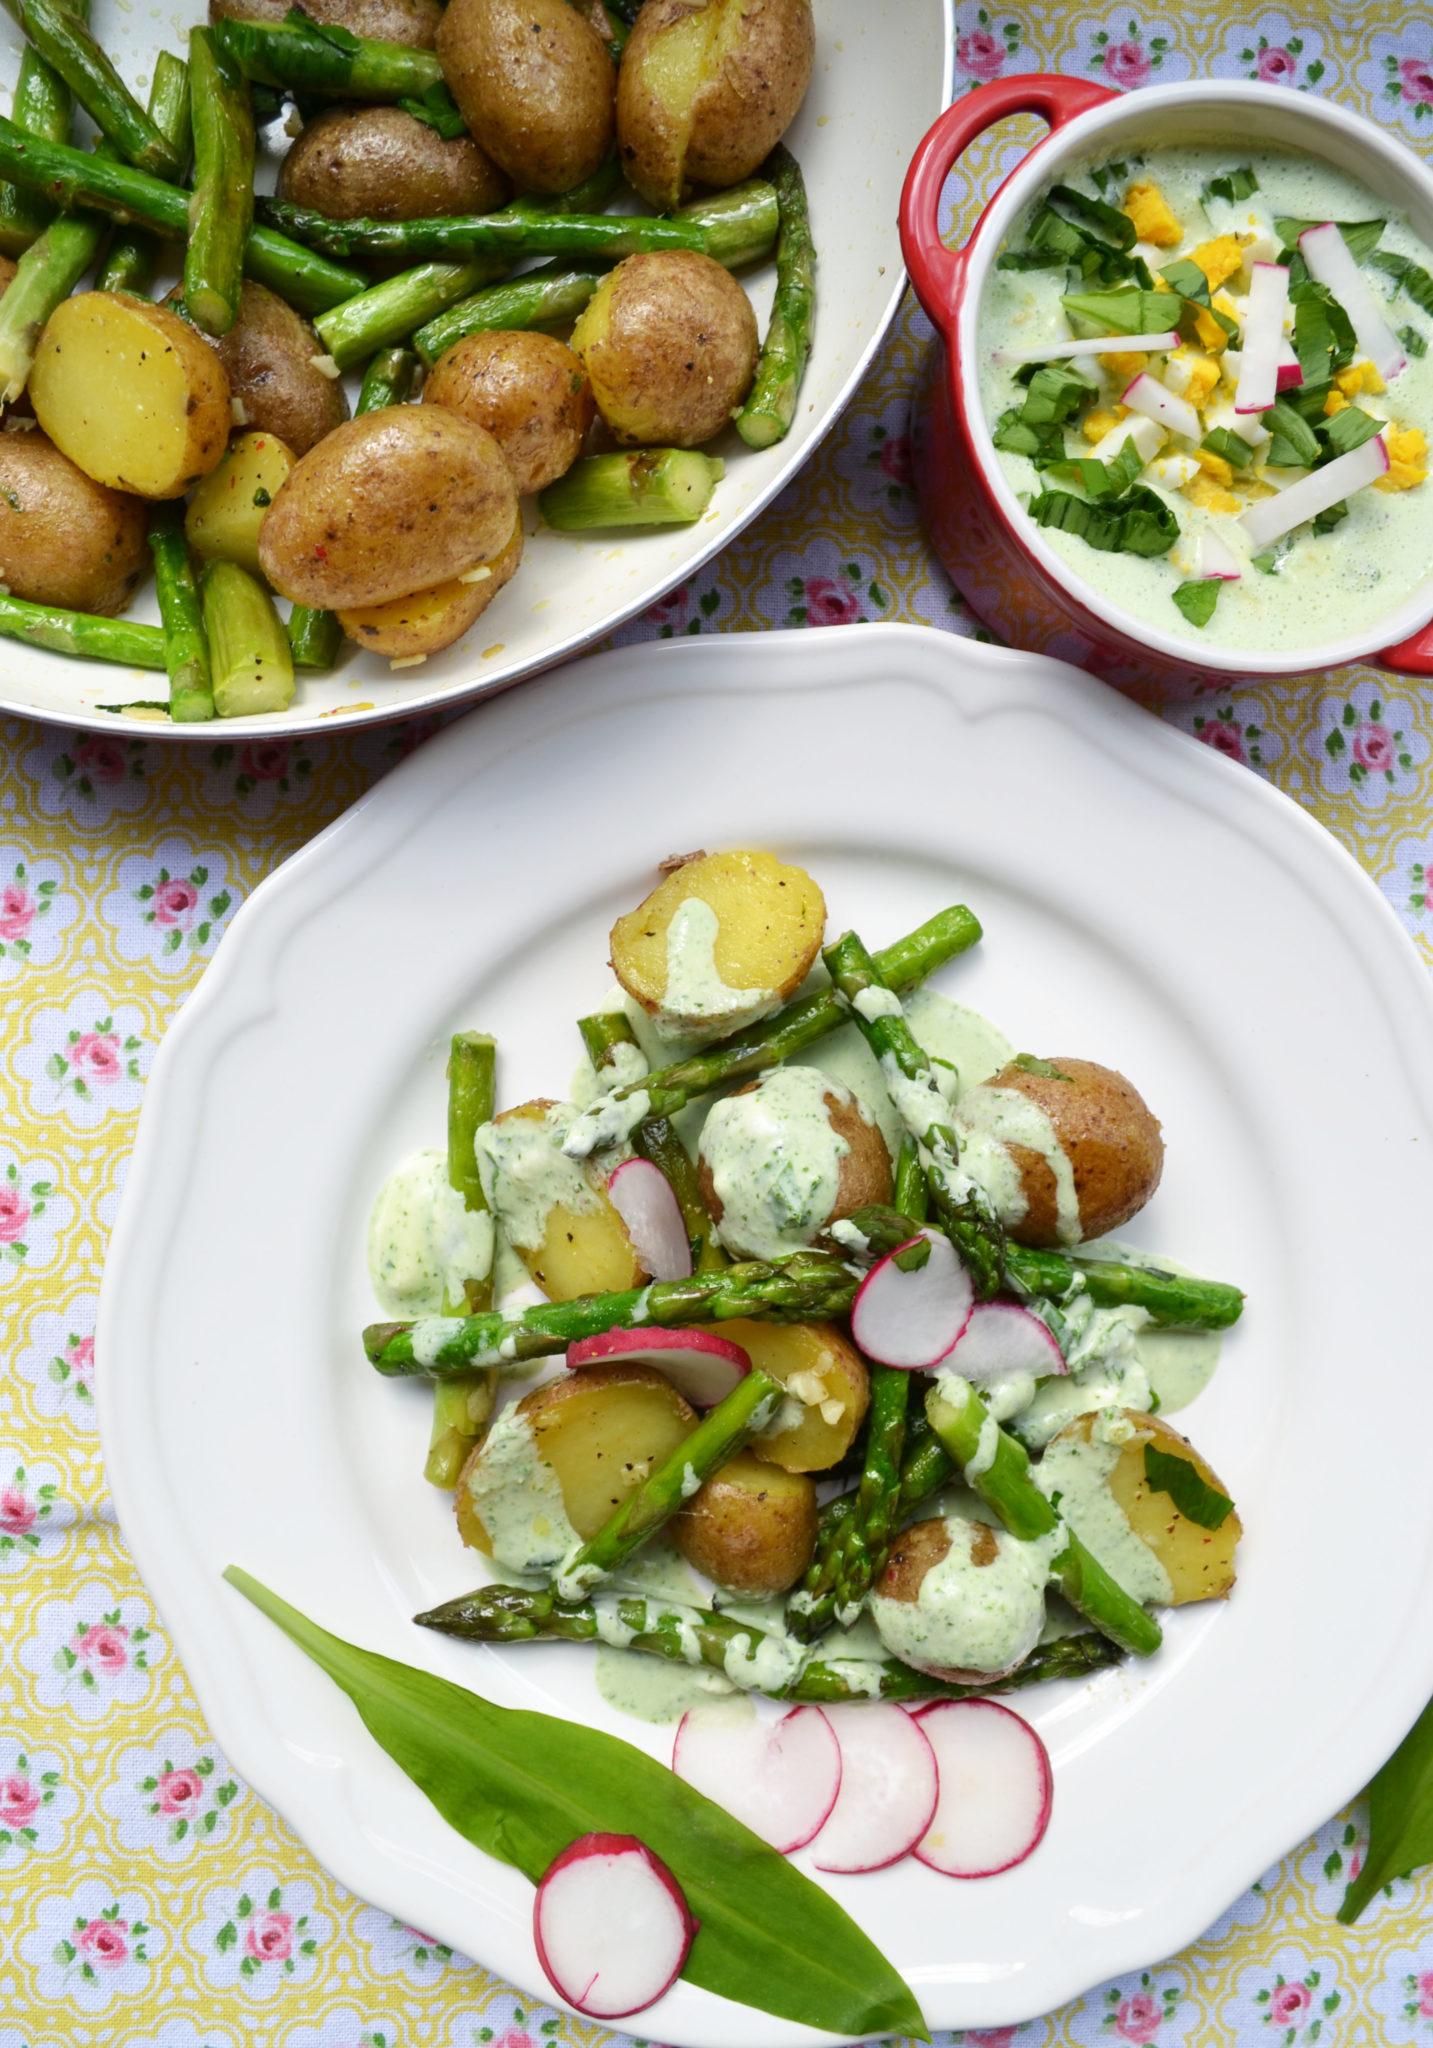 Schnelle Küche! Spargel-Kartoffel-Pfanne mit Frühlingskräuter-Sauce